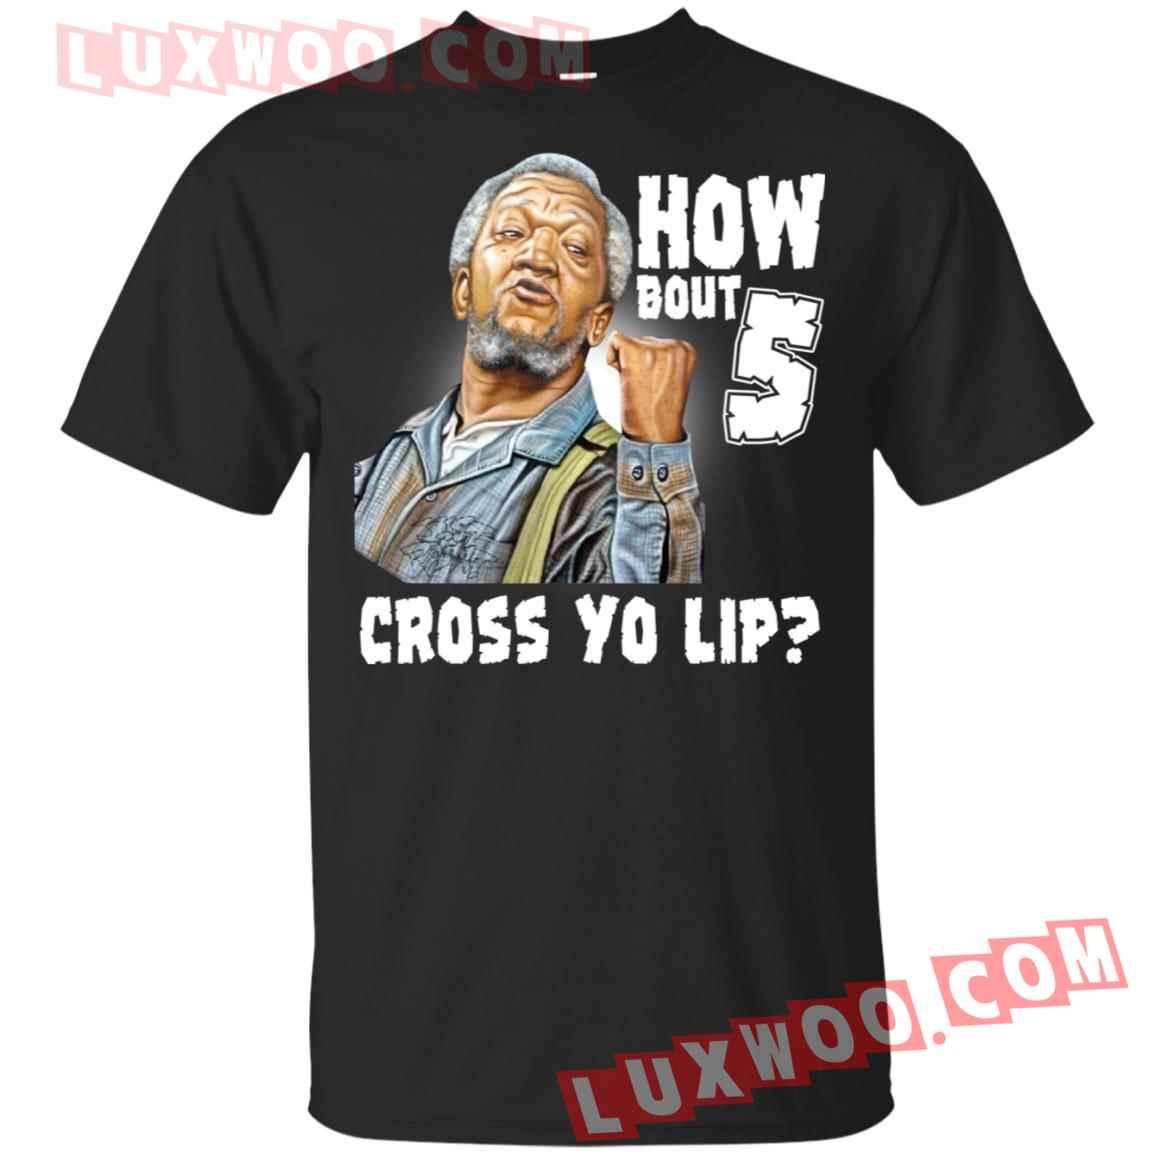 How Bout 5 Cross Yo Lip Shirt